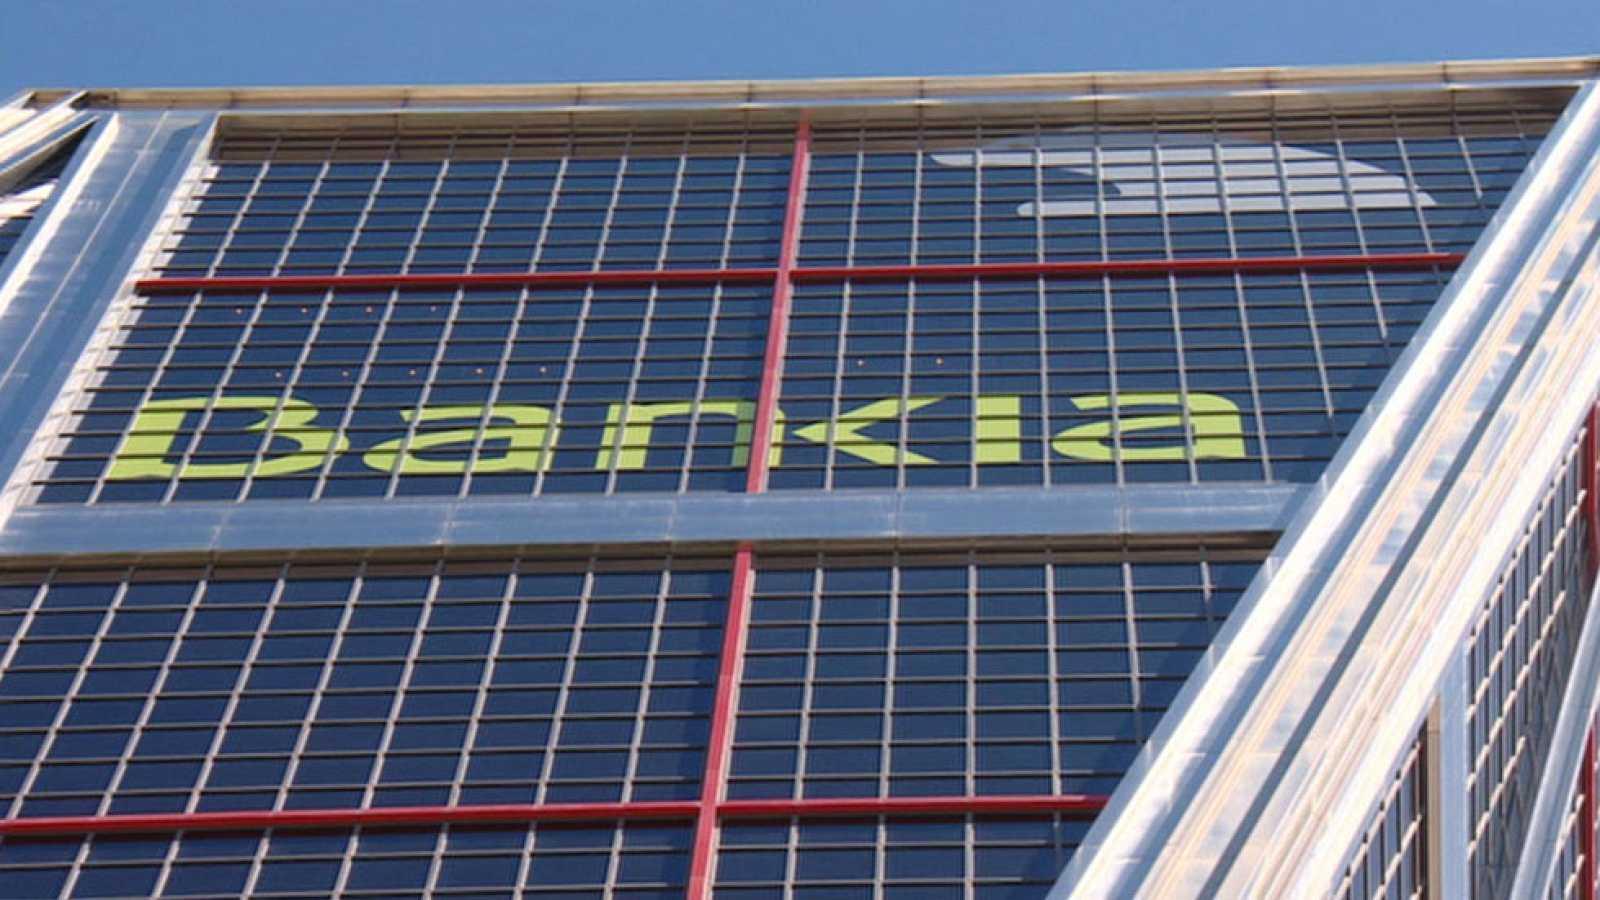 Bankia sali a bolsa en 2011 con cuentas falseadas for Bankia oficina internet entrar directo